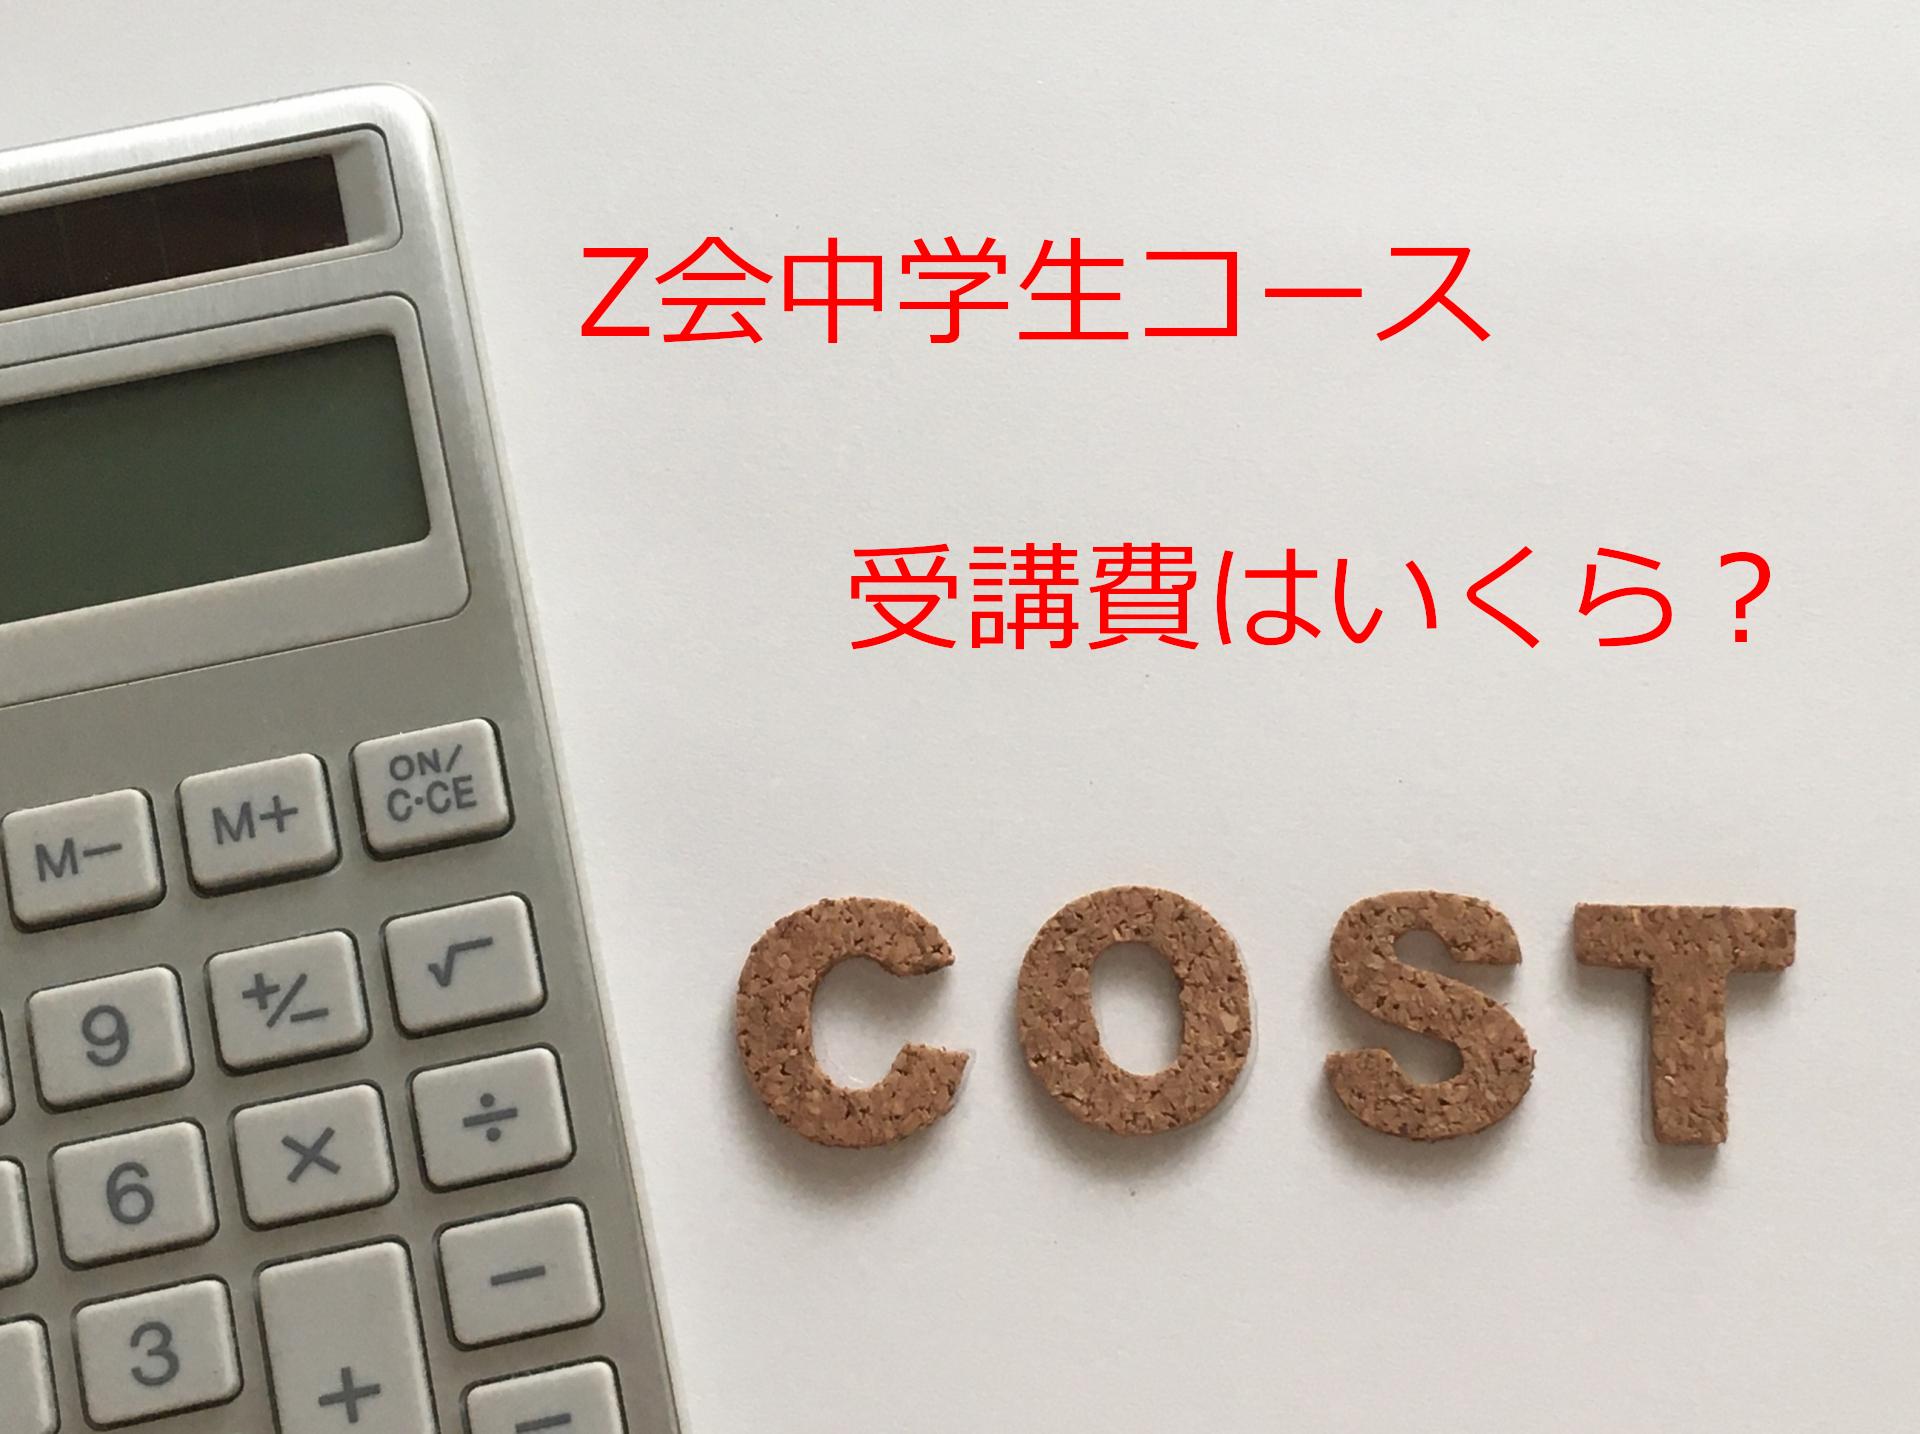 計算機とCOSTの文字